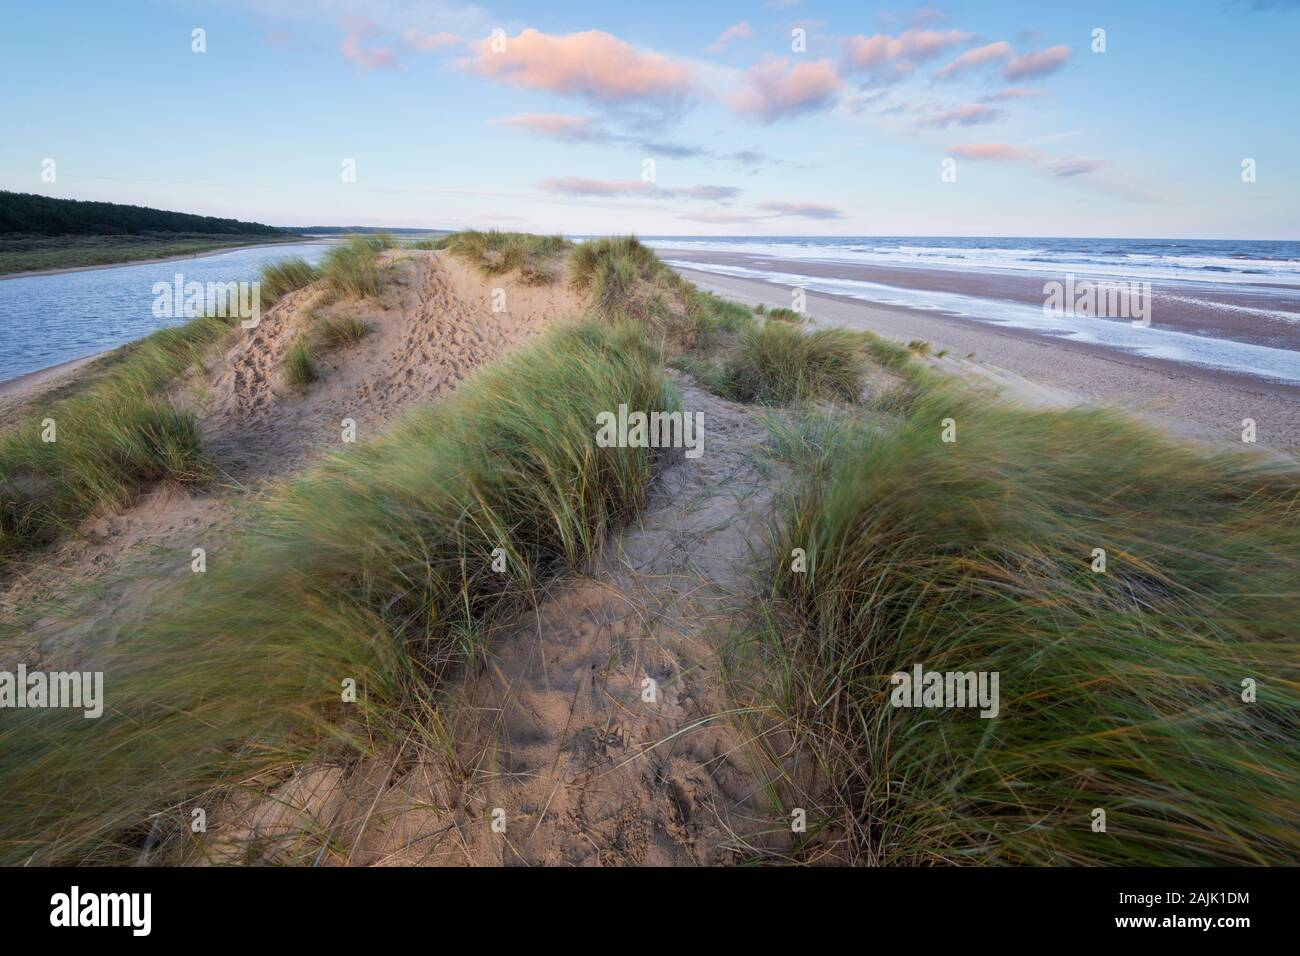 Lever du soleil sur les dunes de sable de Wells près de la plage de la mer à marée haute, Wells-Next-the-Sea, Norfolk, Angleterre, Royaume-Uni, Europe Banque D'Images